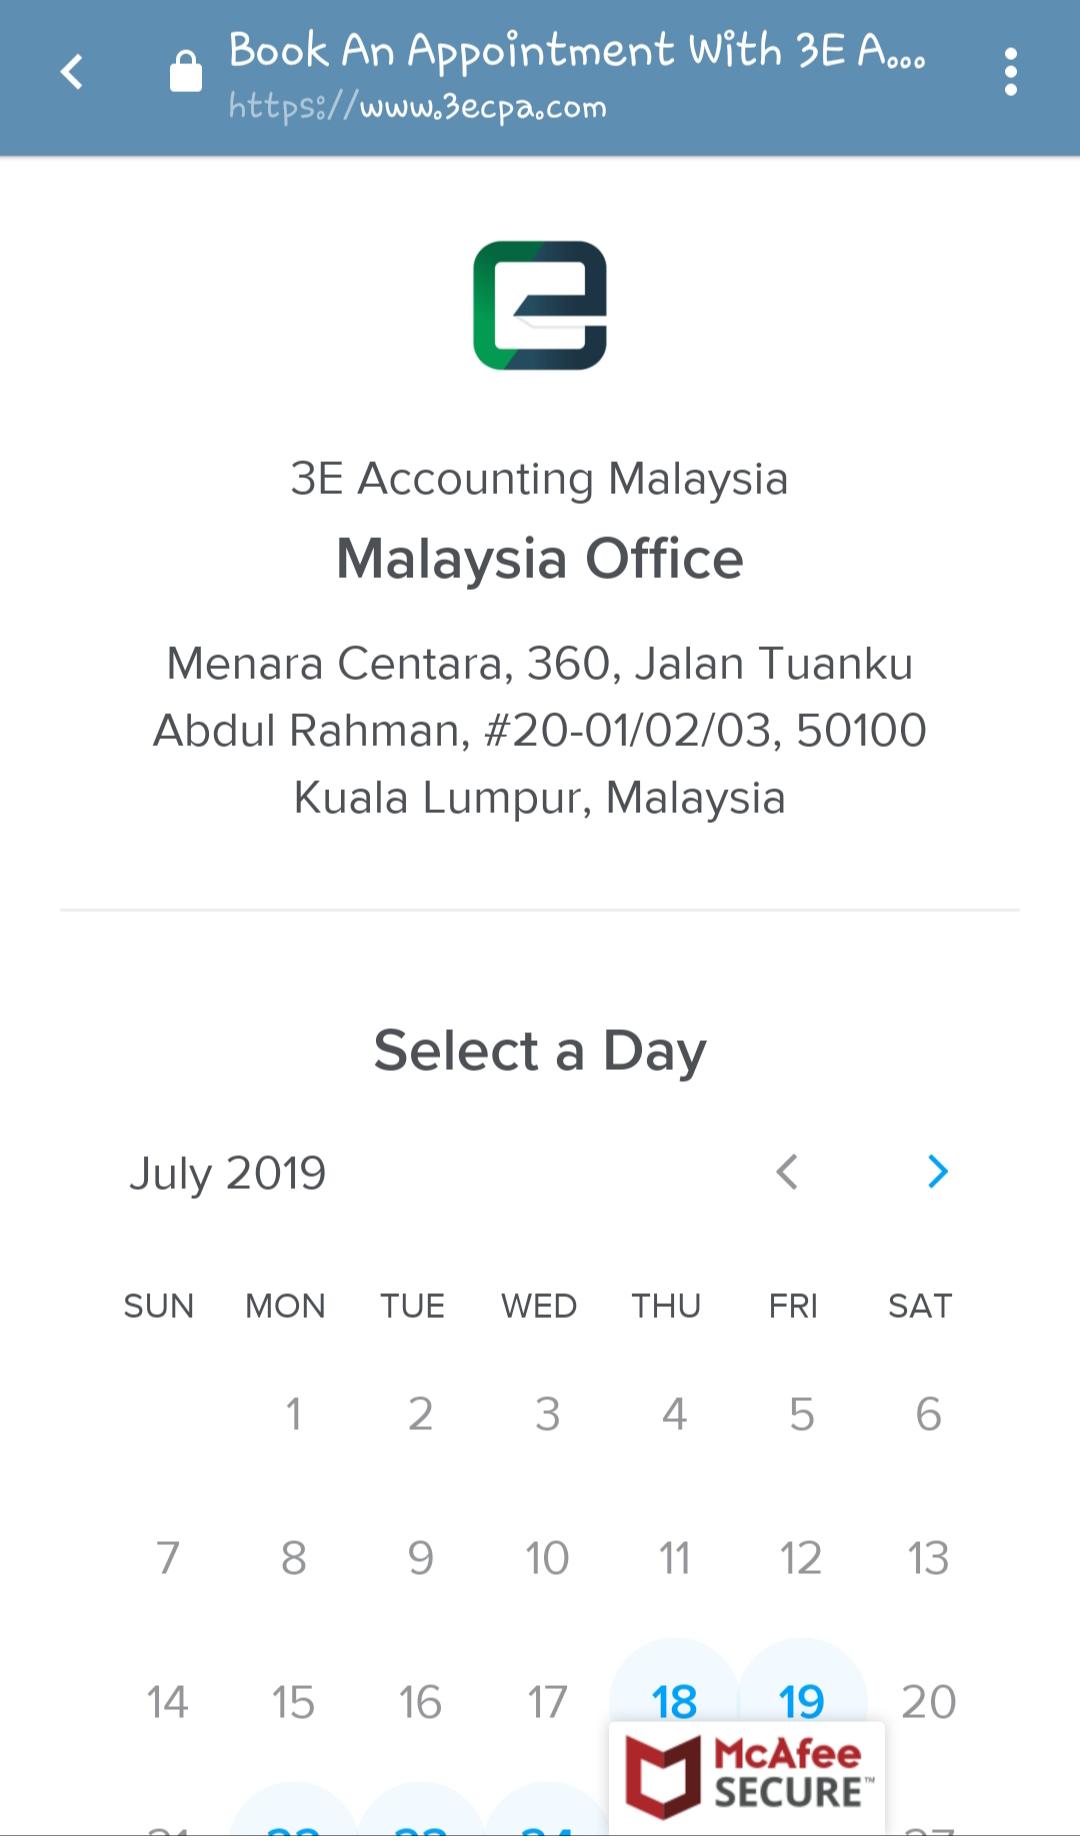 选择您的首选预约日期和时间